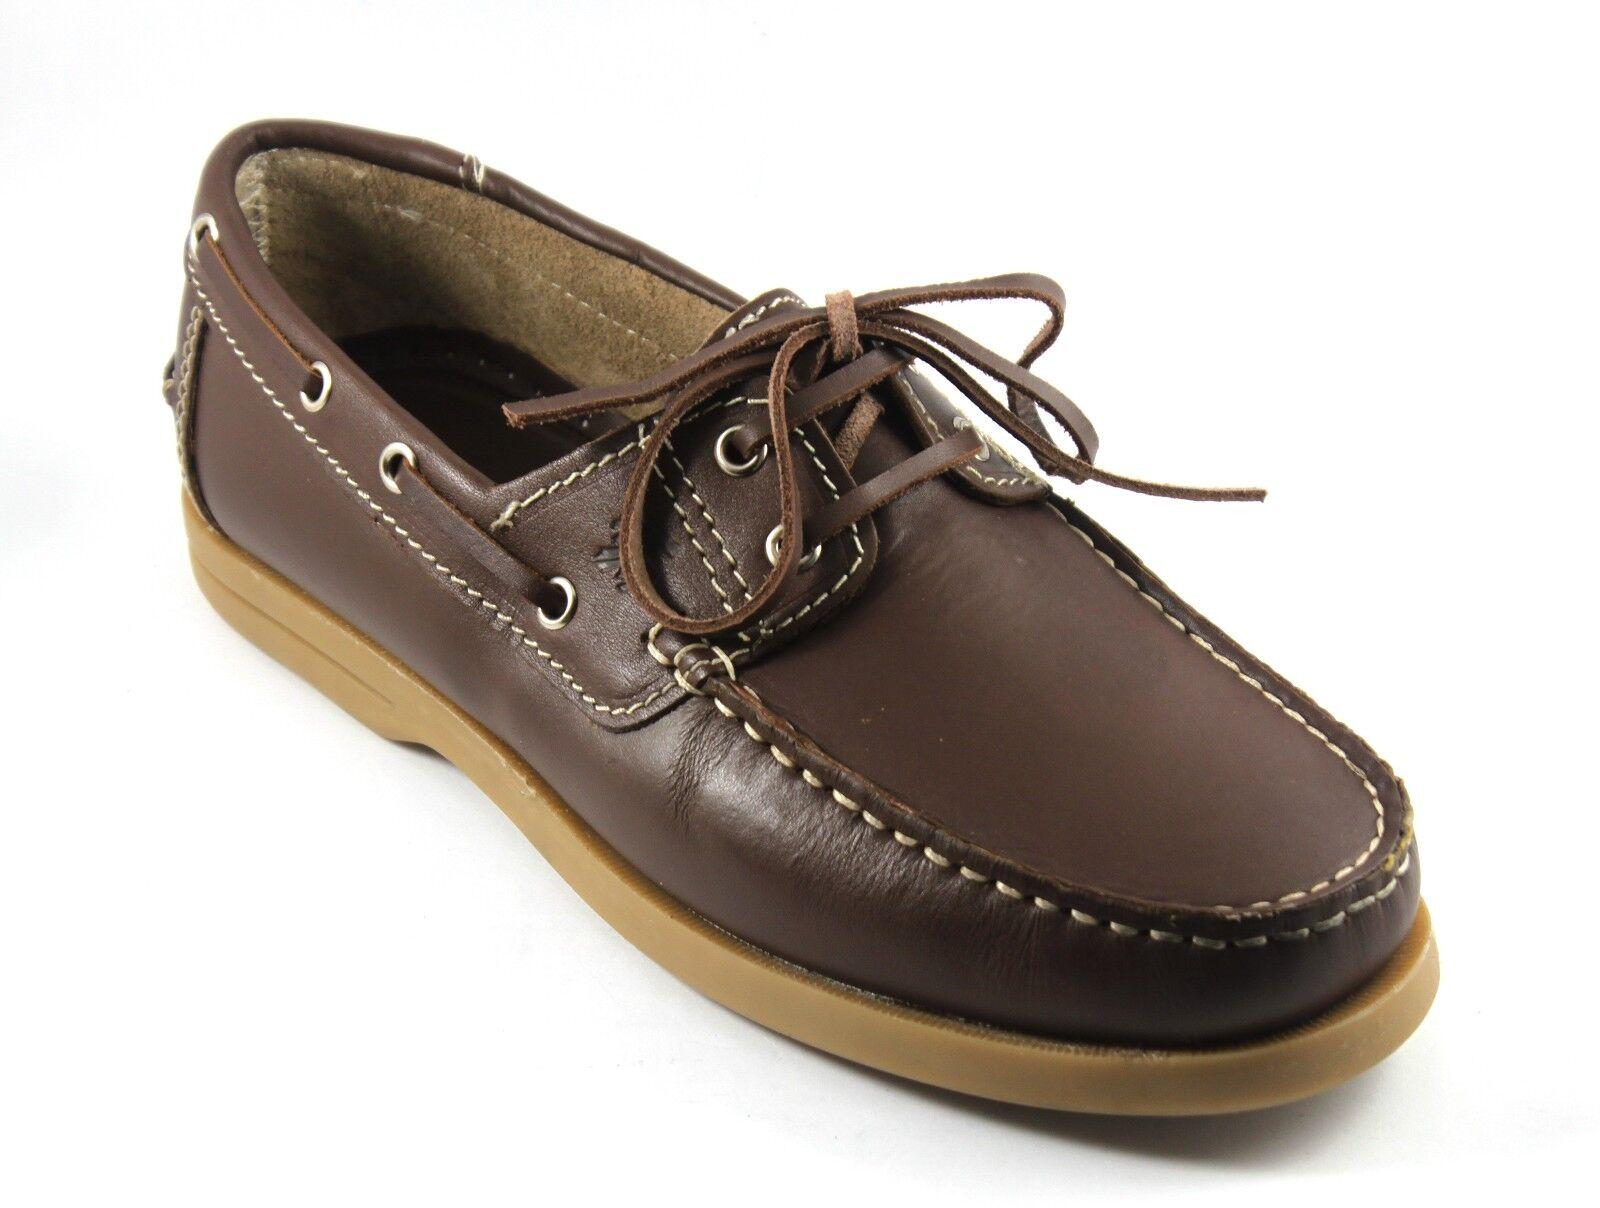 shoes men ALLACCIATE CASUAL MODELLO BARCA IN PELLE brown MOLINOLINE n. 43